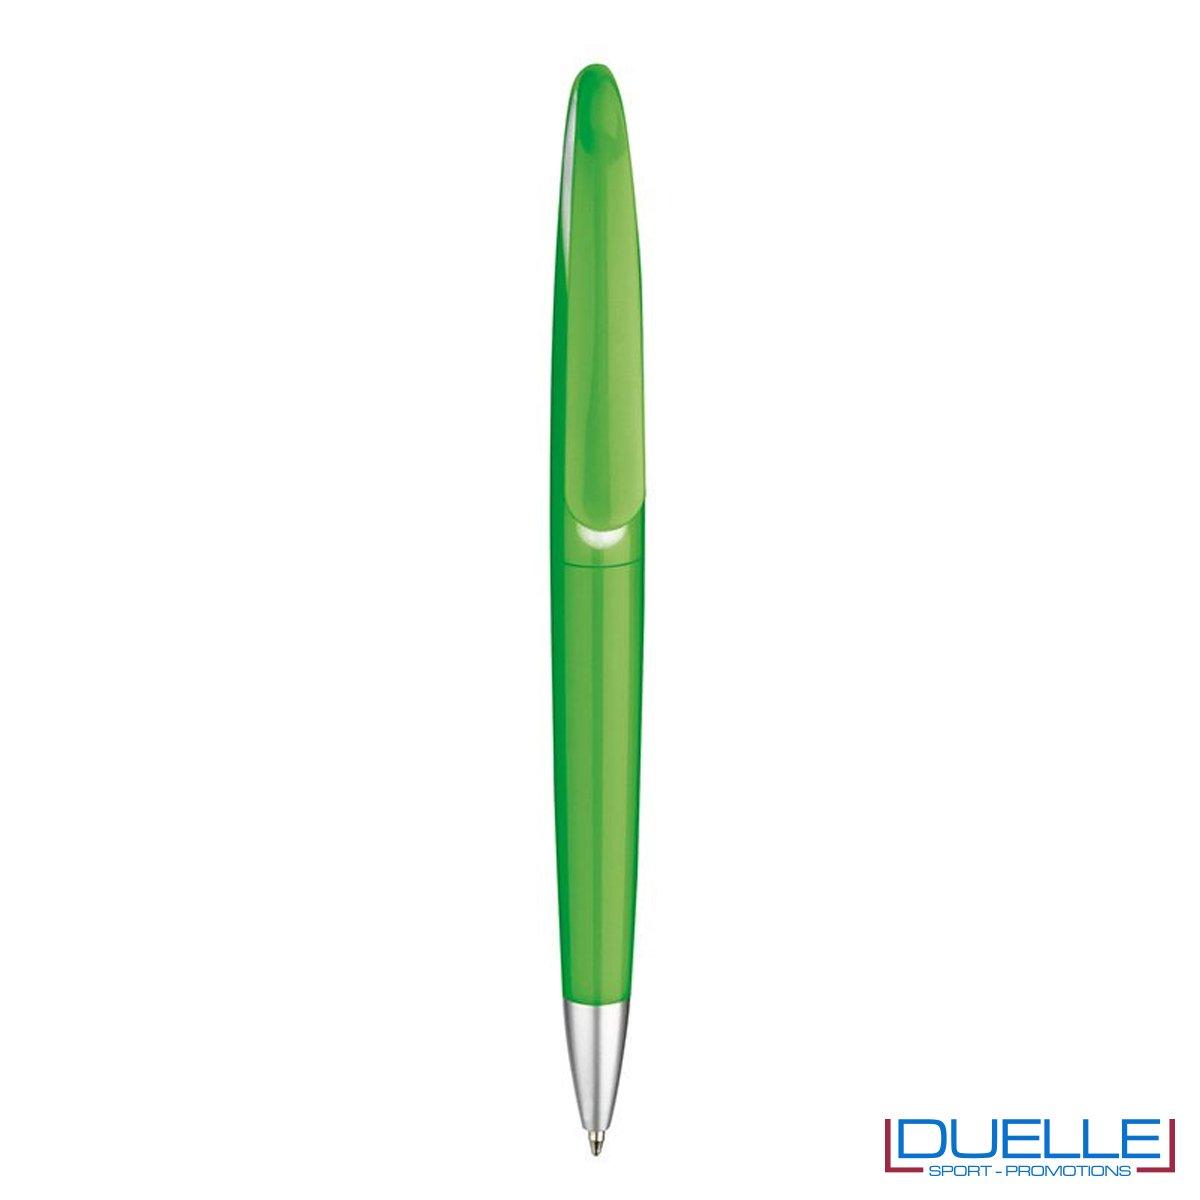 penna personalizzata verde con apertura a rotazione, penne promozionali personalizzate verdi con apertura a rotazione